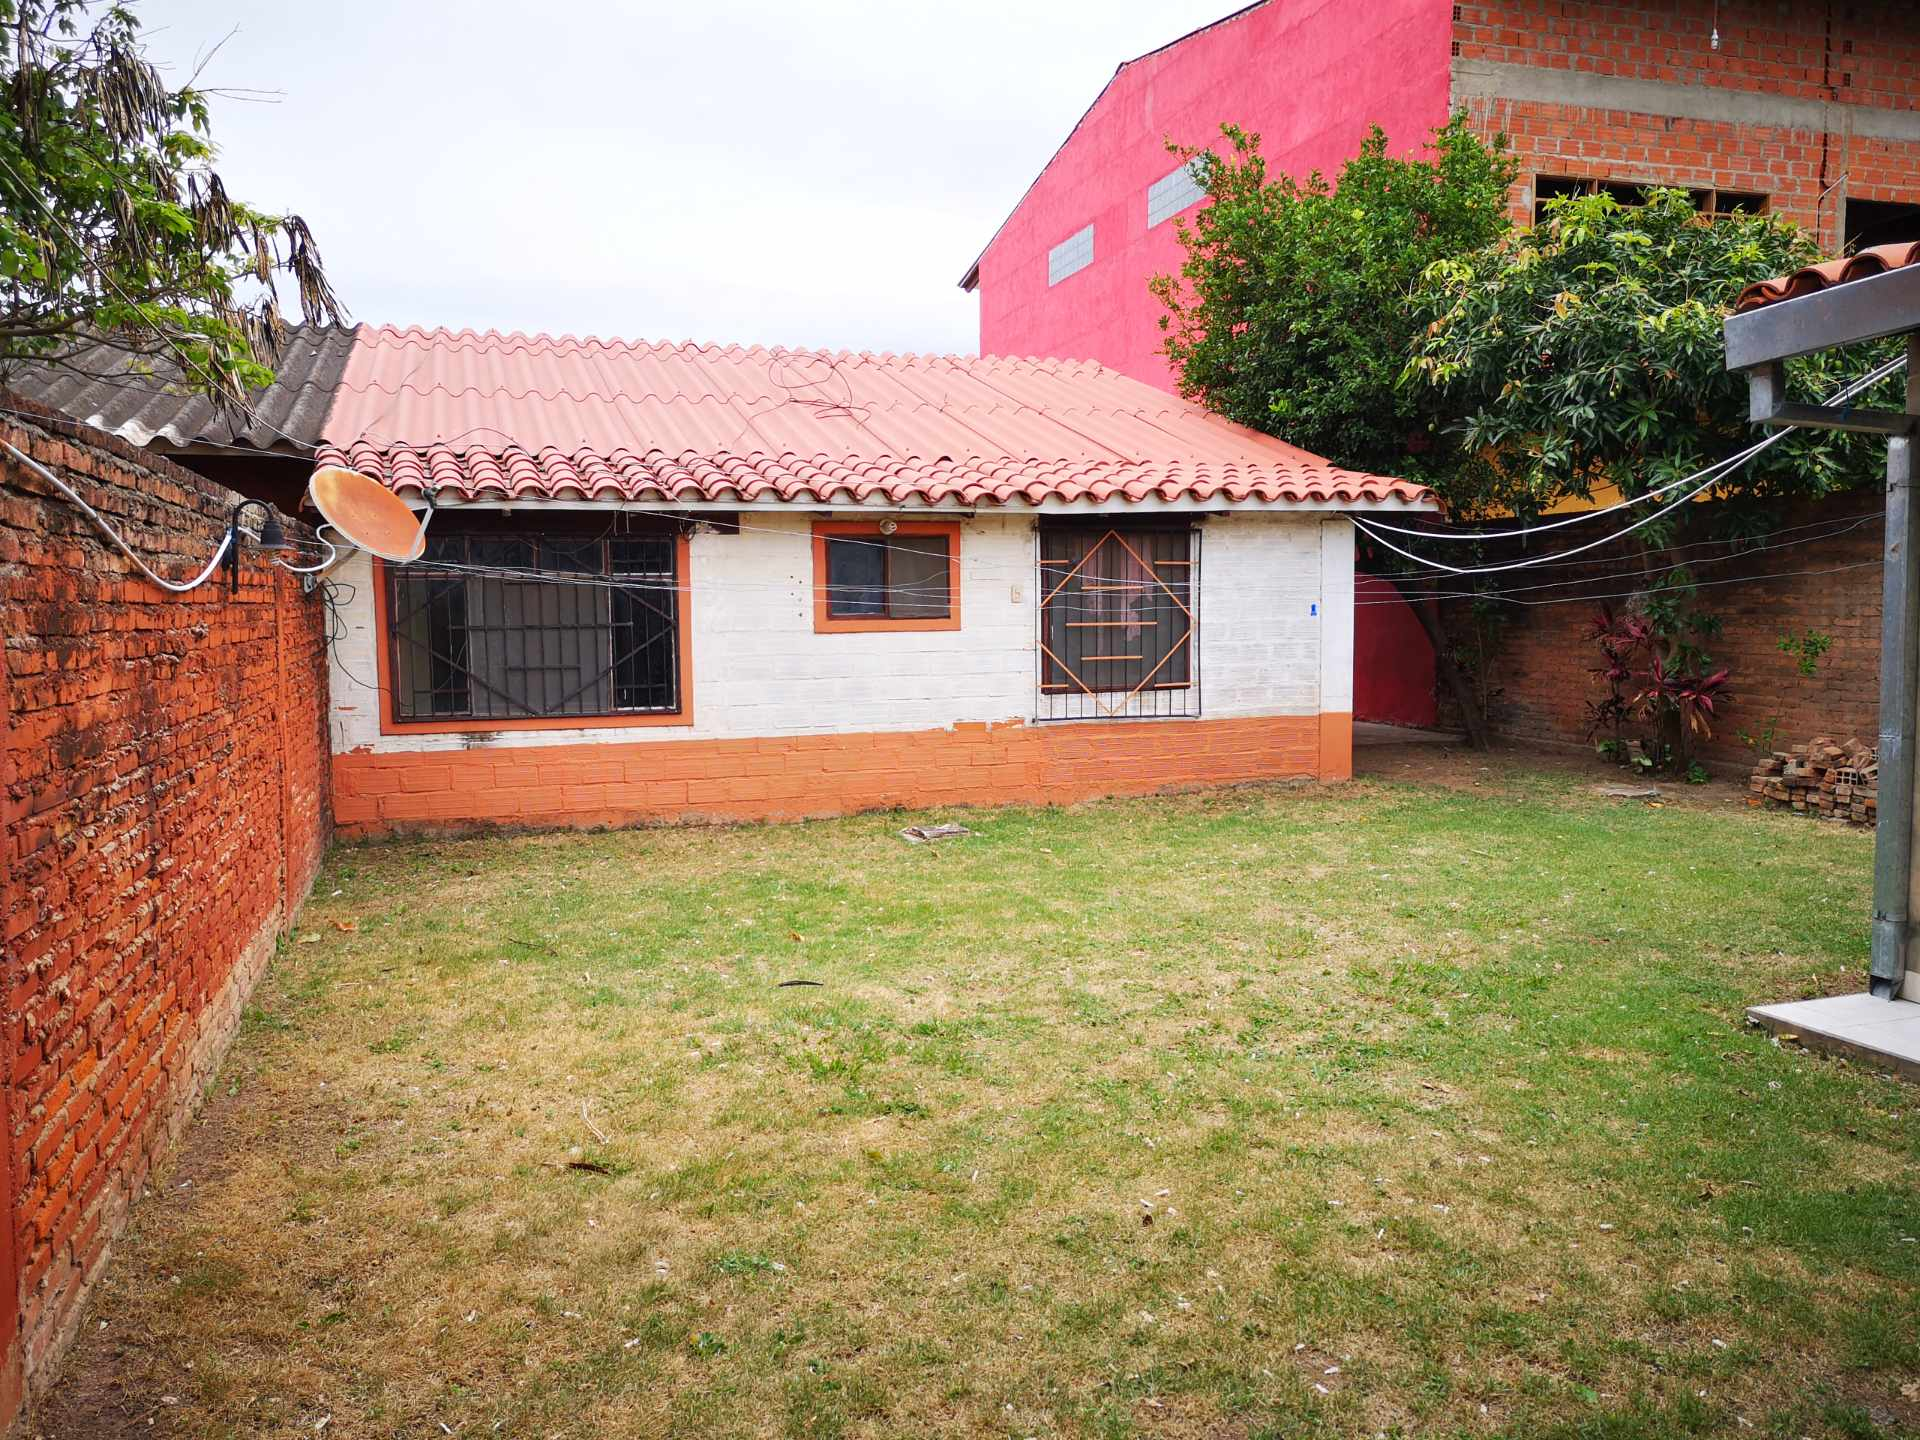 Casa en Alquiler Entre 4to y 5to anilo, entre Radial 10 y Av Sudamericana Calle Asoka Foto 4